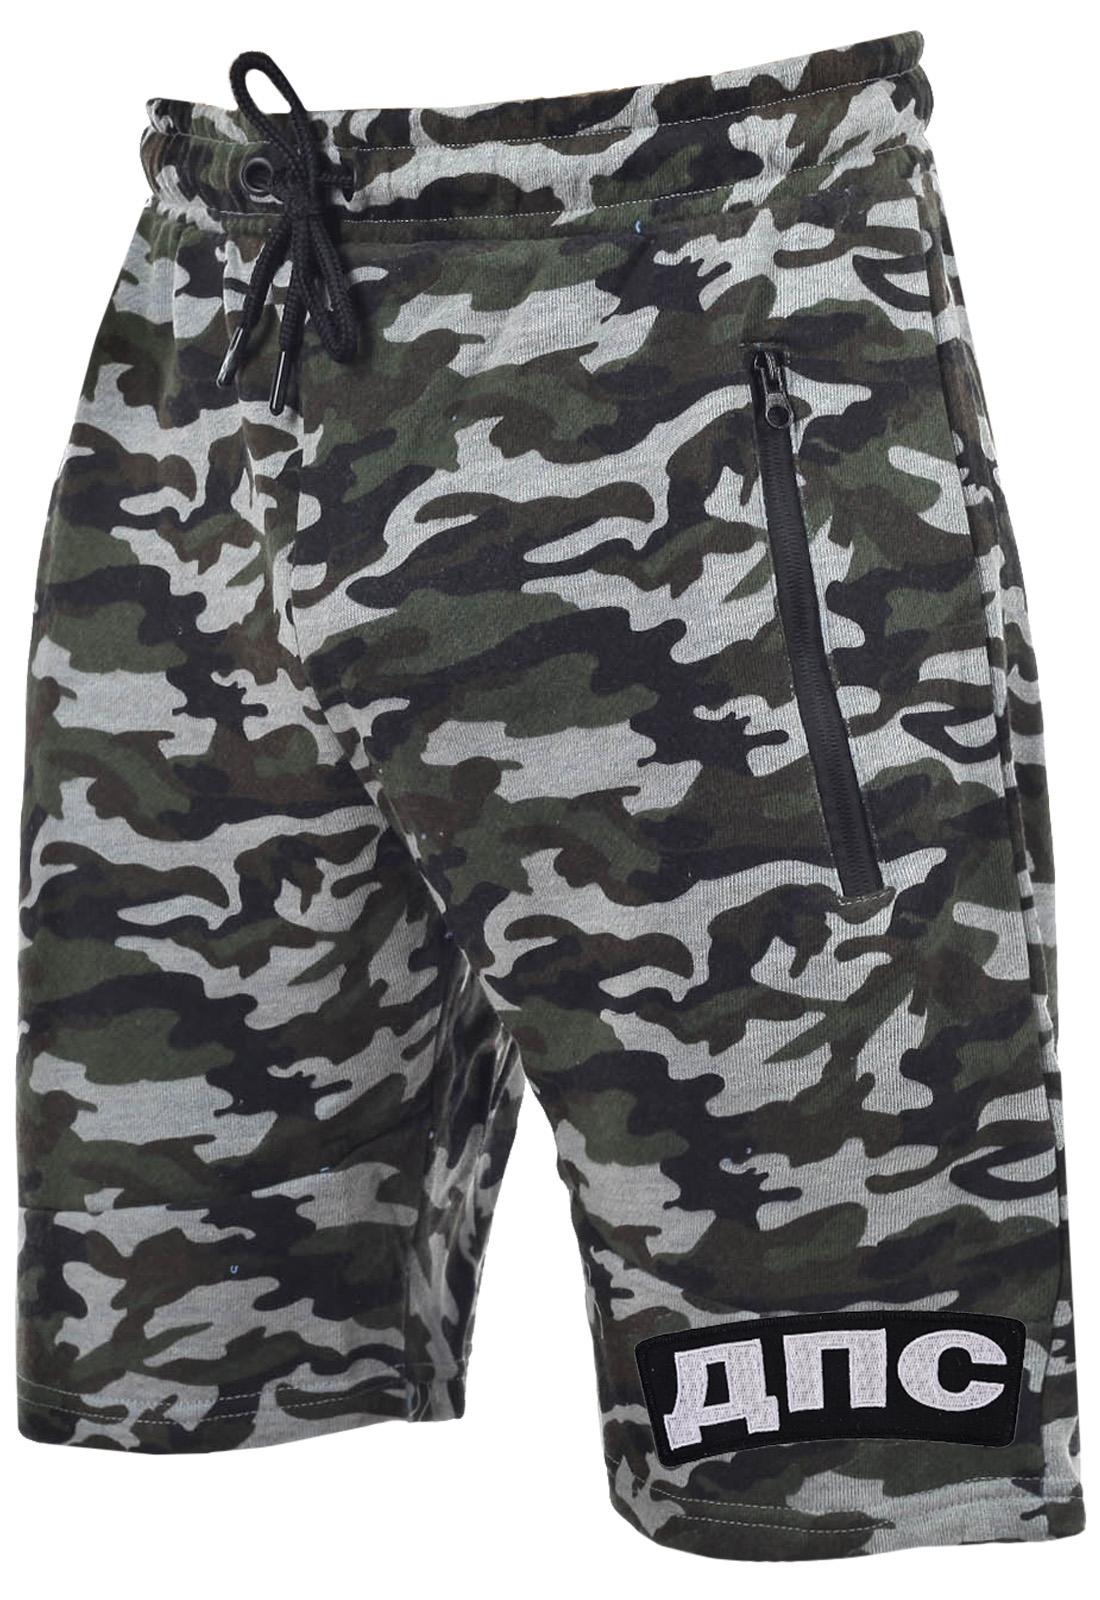 Мужские шорты на лето.